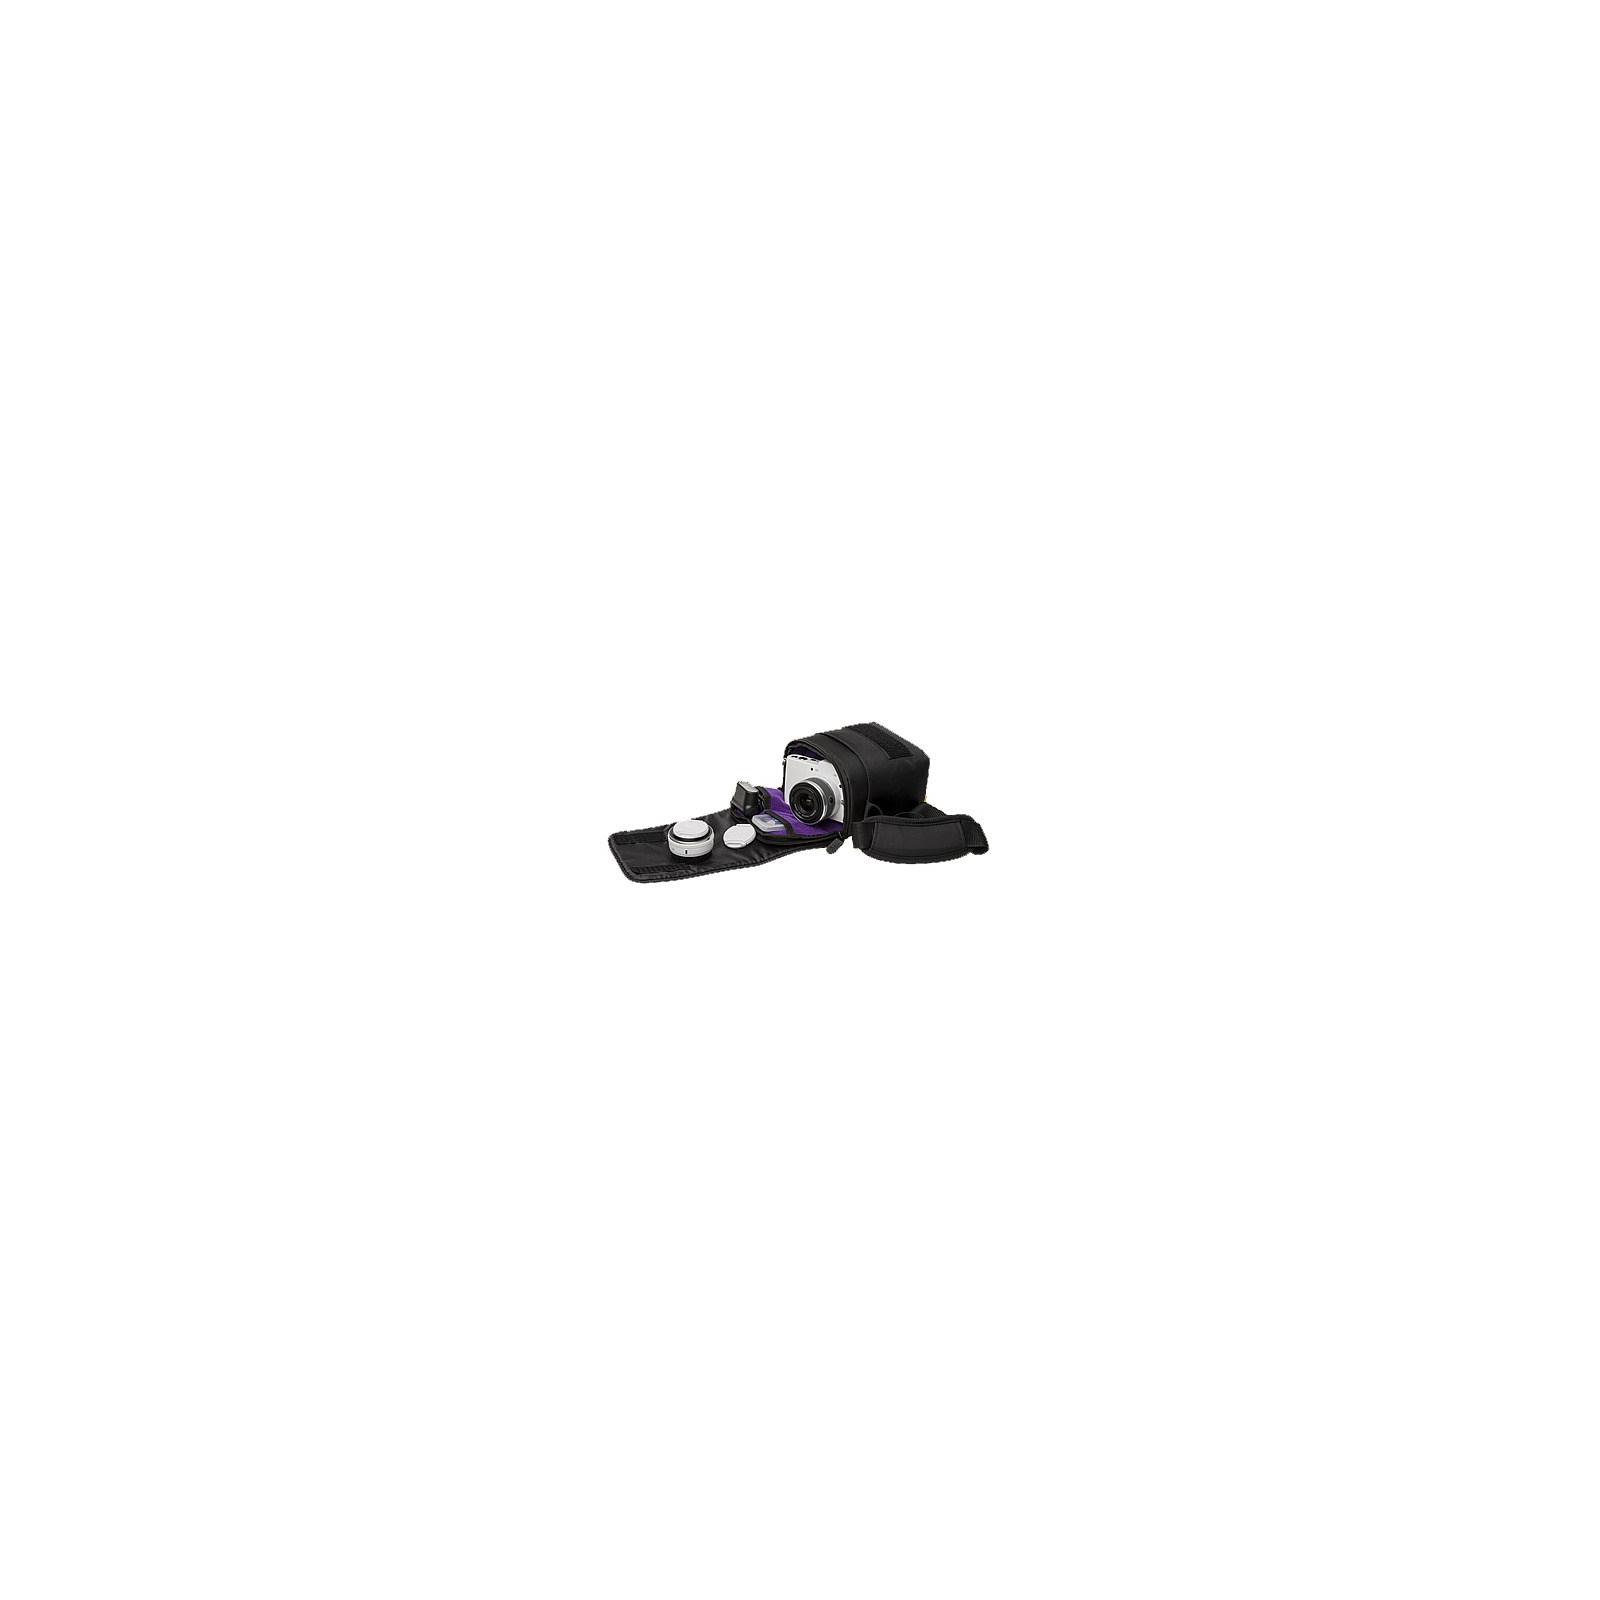 Фото-сумка RivaCase High/Ultra zoom Digital Camera Bag (7301PS Black) изображение 2